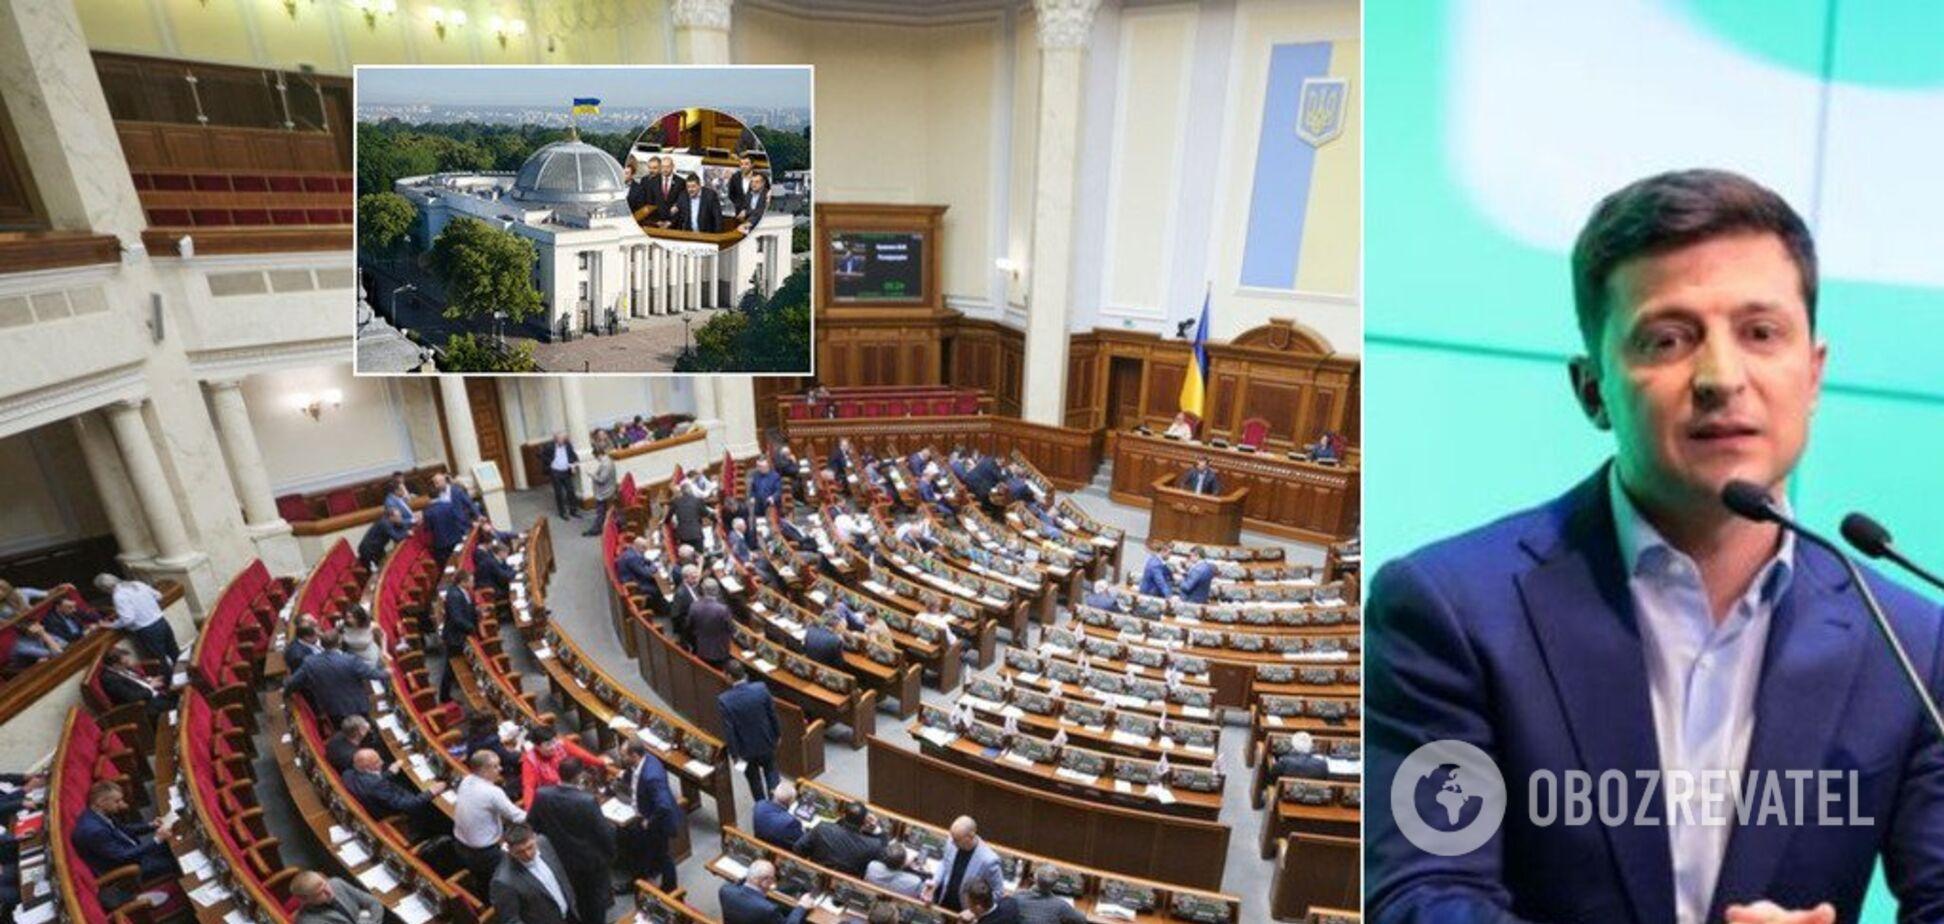 Перевыборы: Зеленский пошел на роковую ошибку и может загреметь на 6 лет